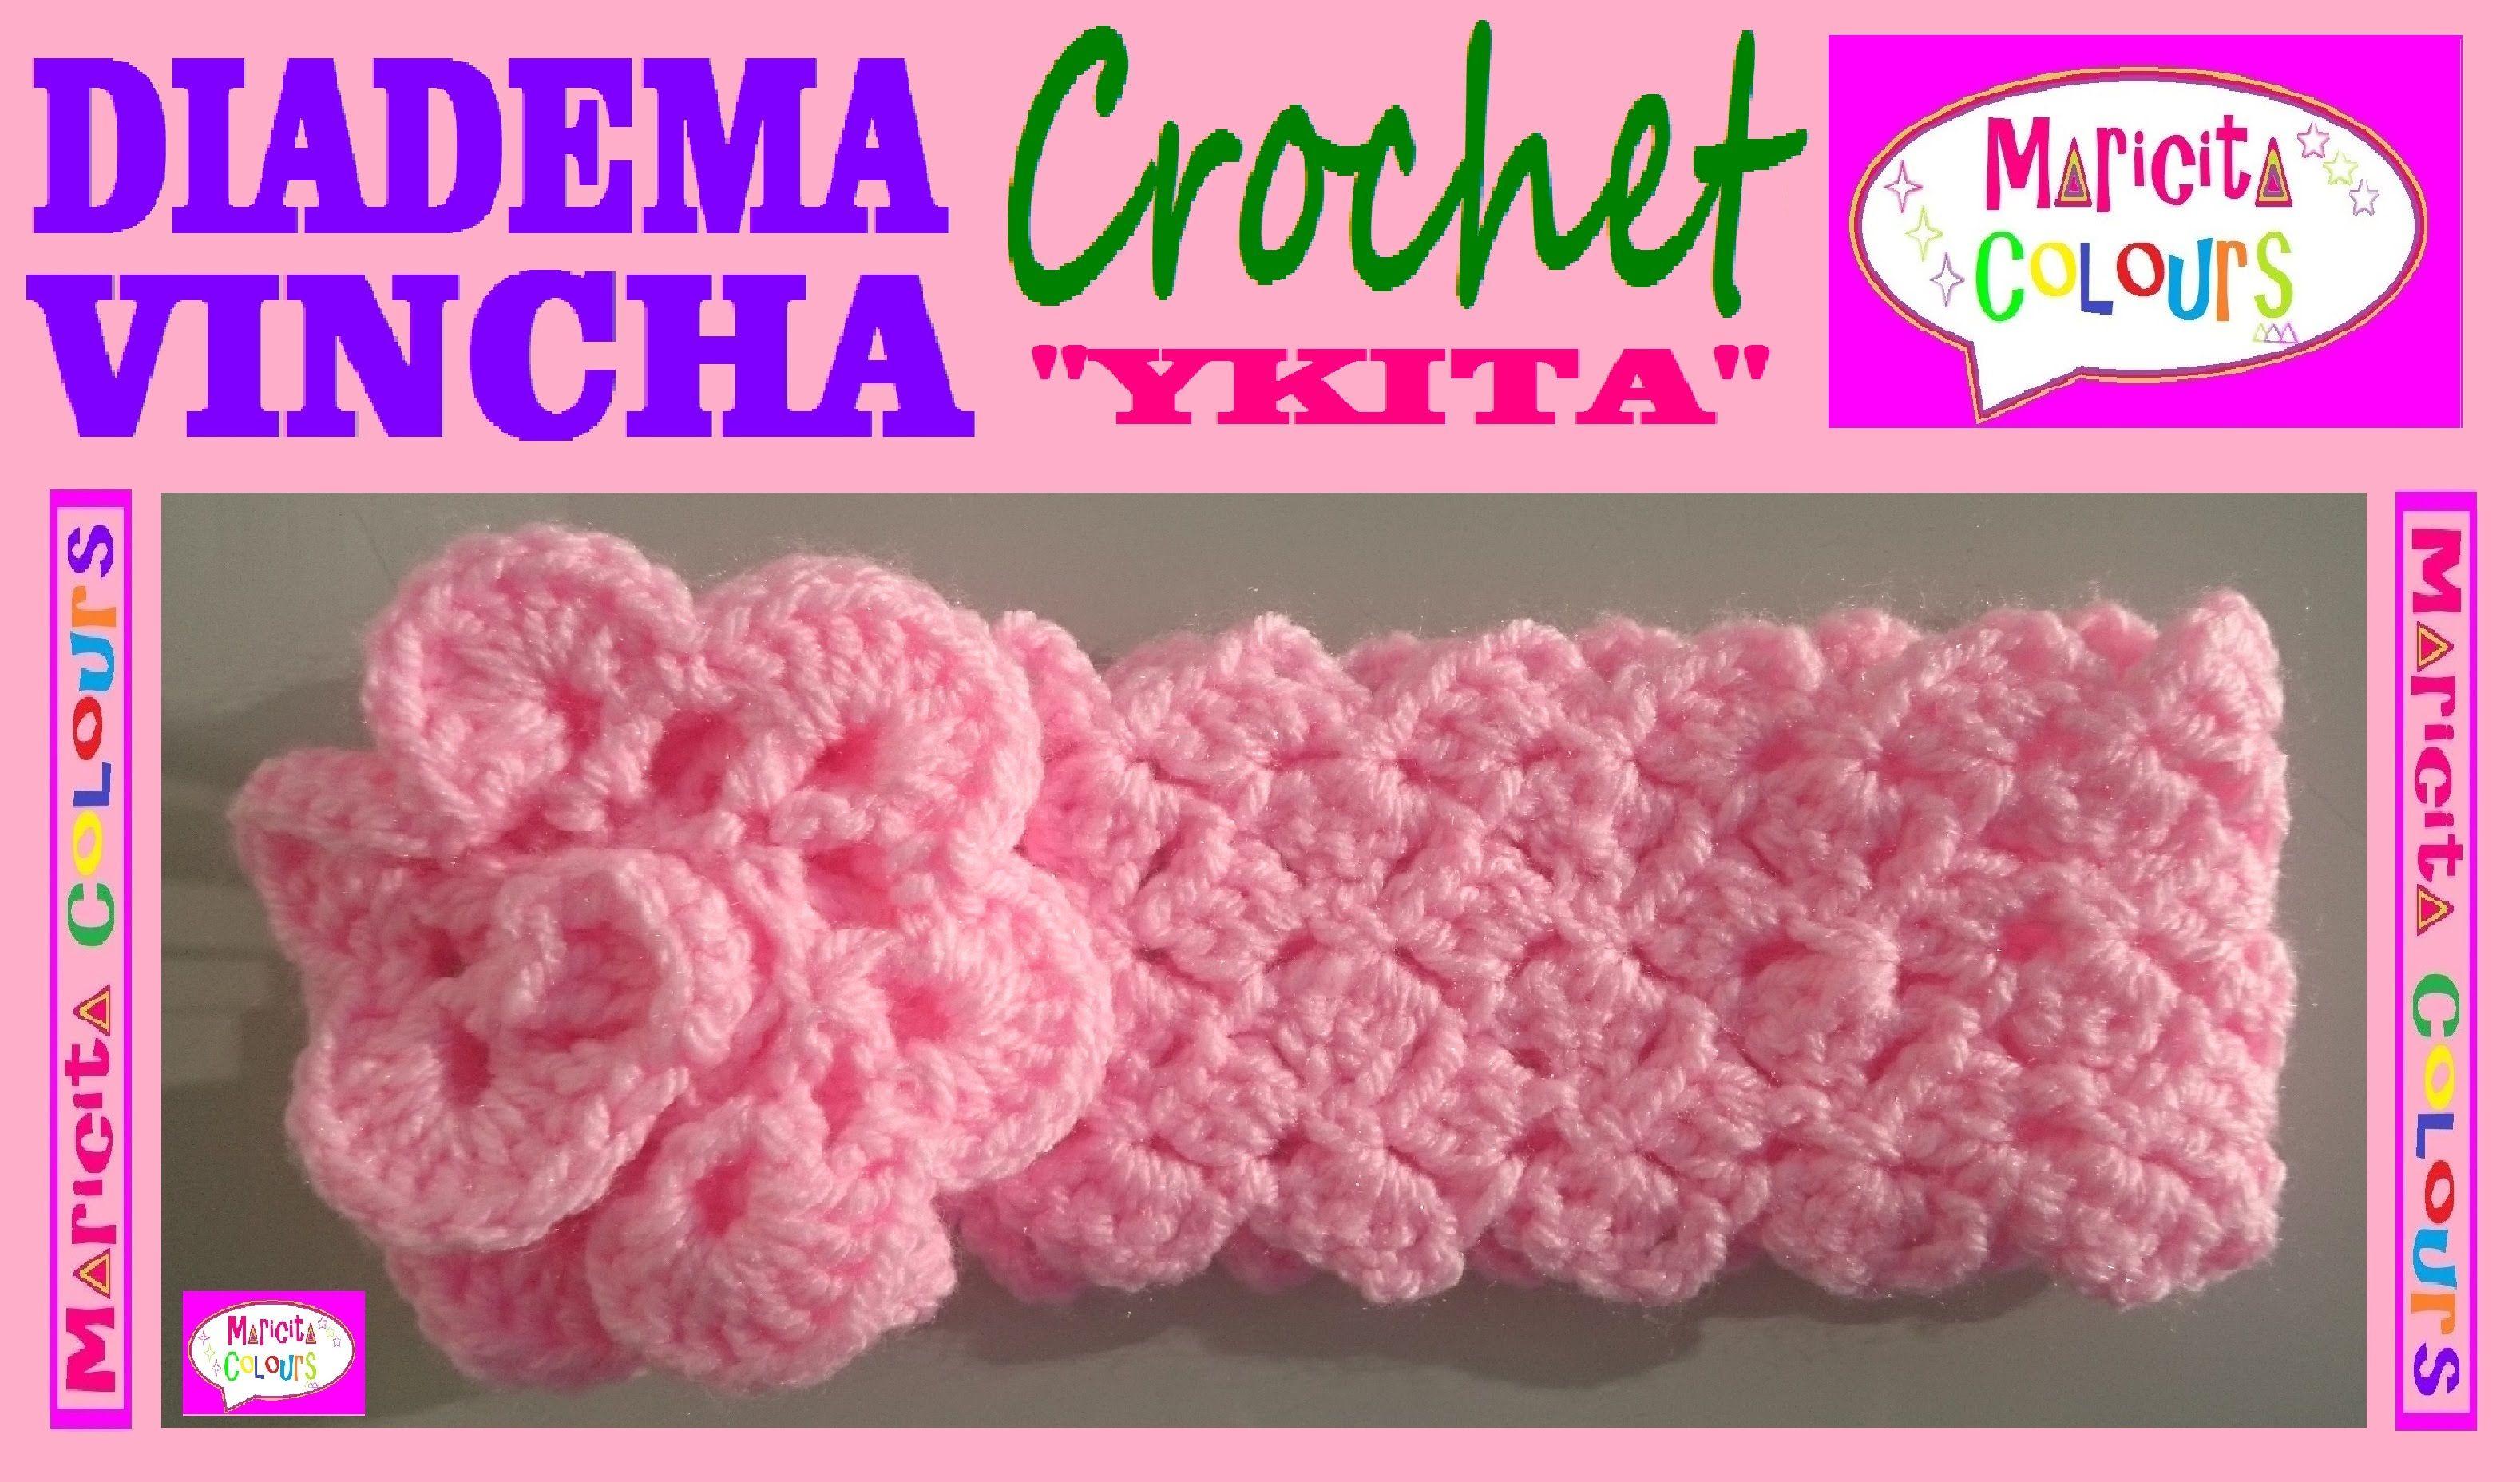 """Vincha a Crochet Diadema """"Ykita"""" Tutorial por Maricita Colours Subtitles..."""